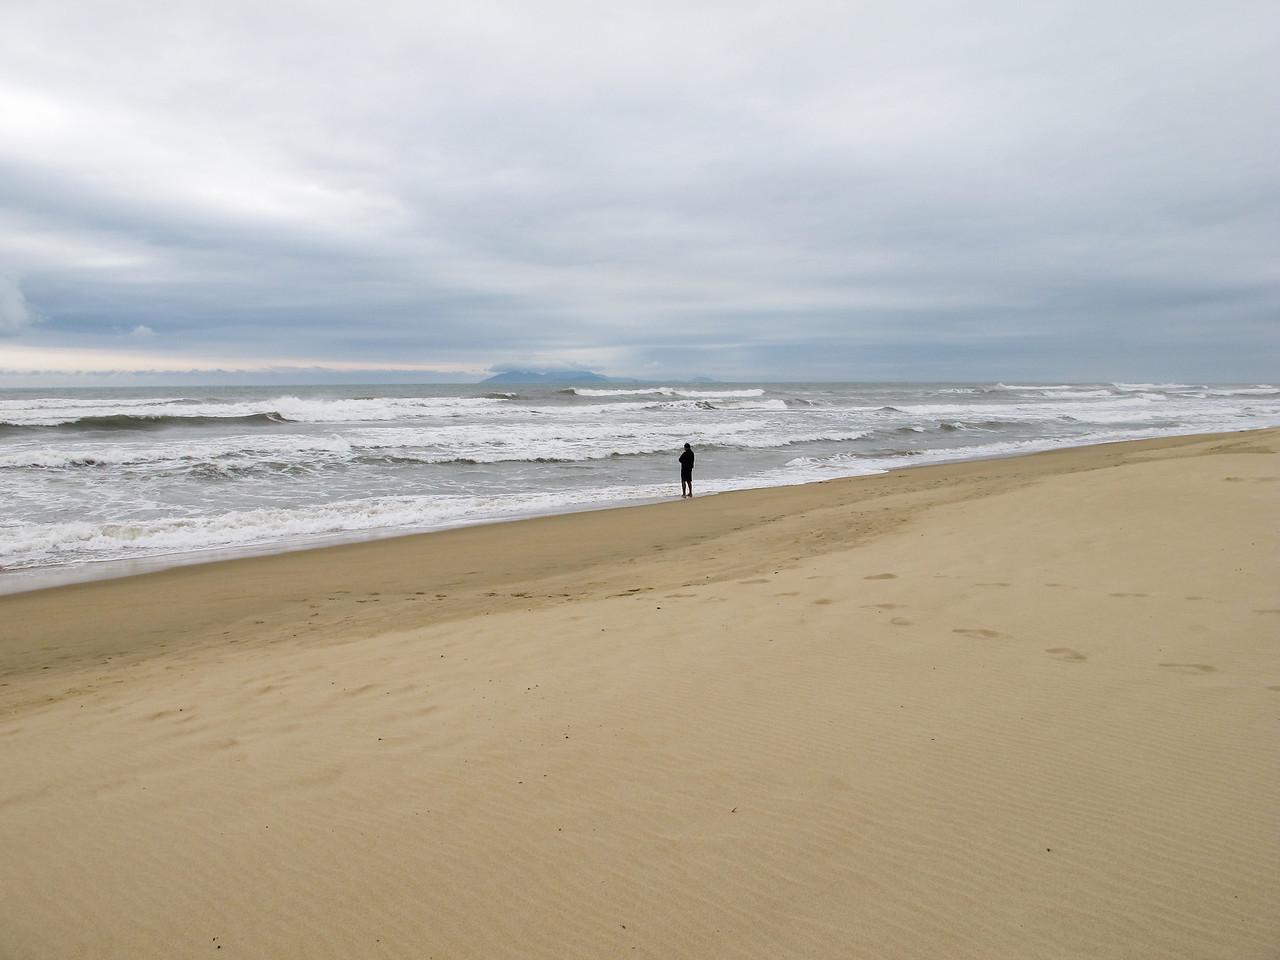 China Beach, Danang, Vietnam